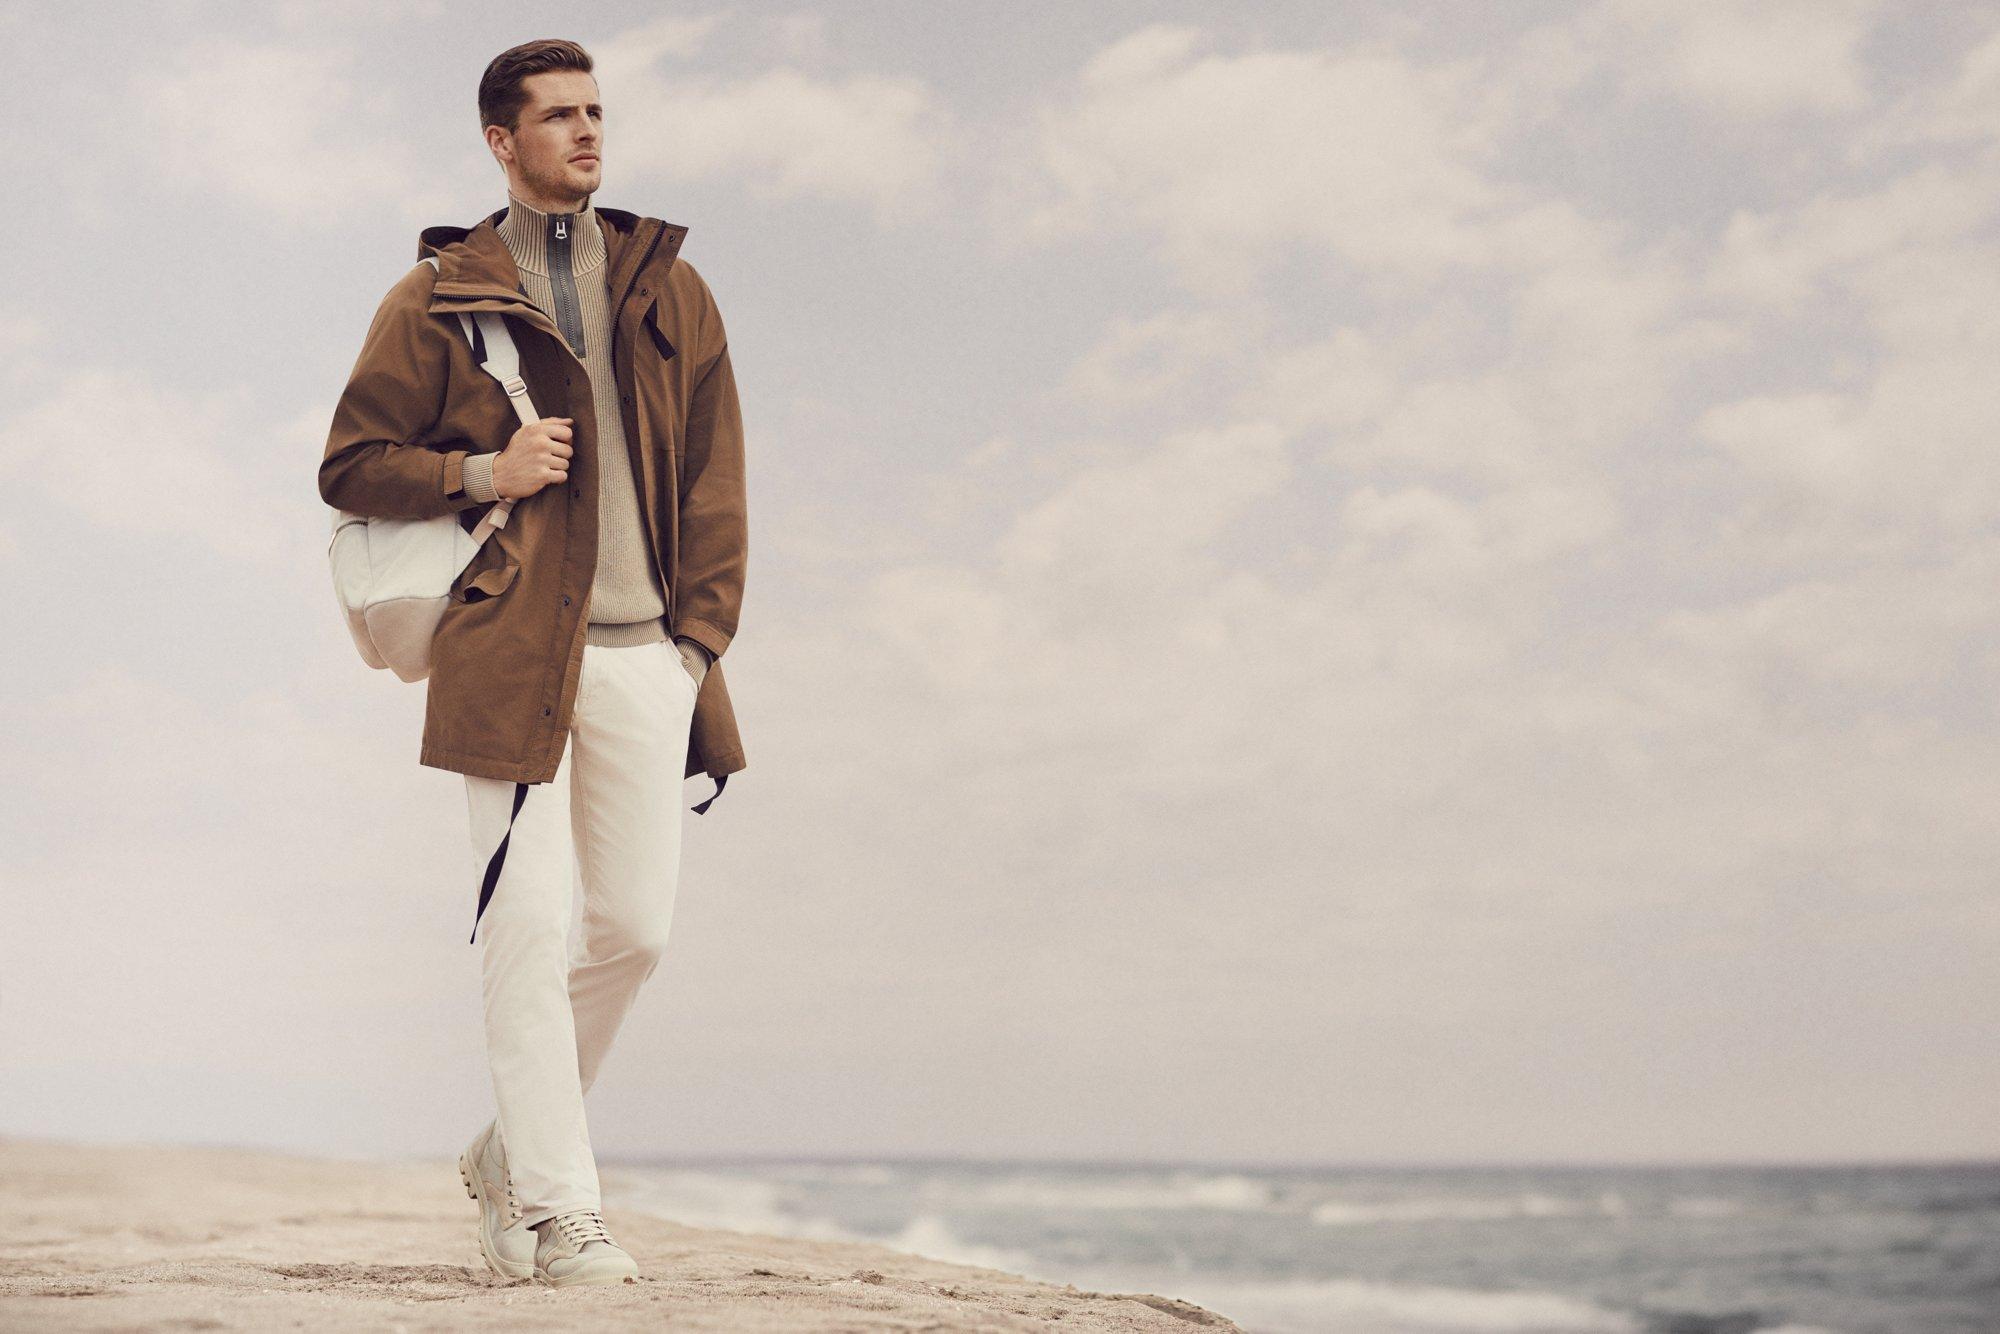 休闲风范<br/><br/>BOSS雅致的着装主义:宽松的外套、牛仔裤和针织服装展示时髦的着装时刻